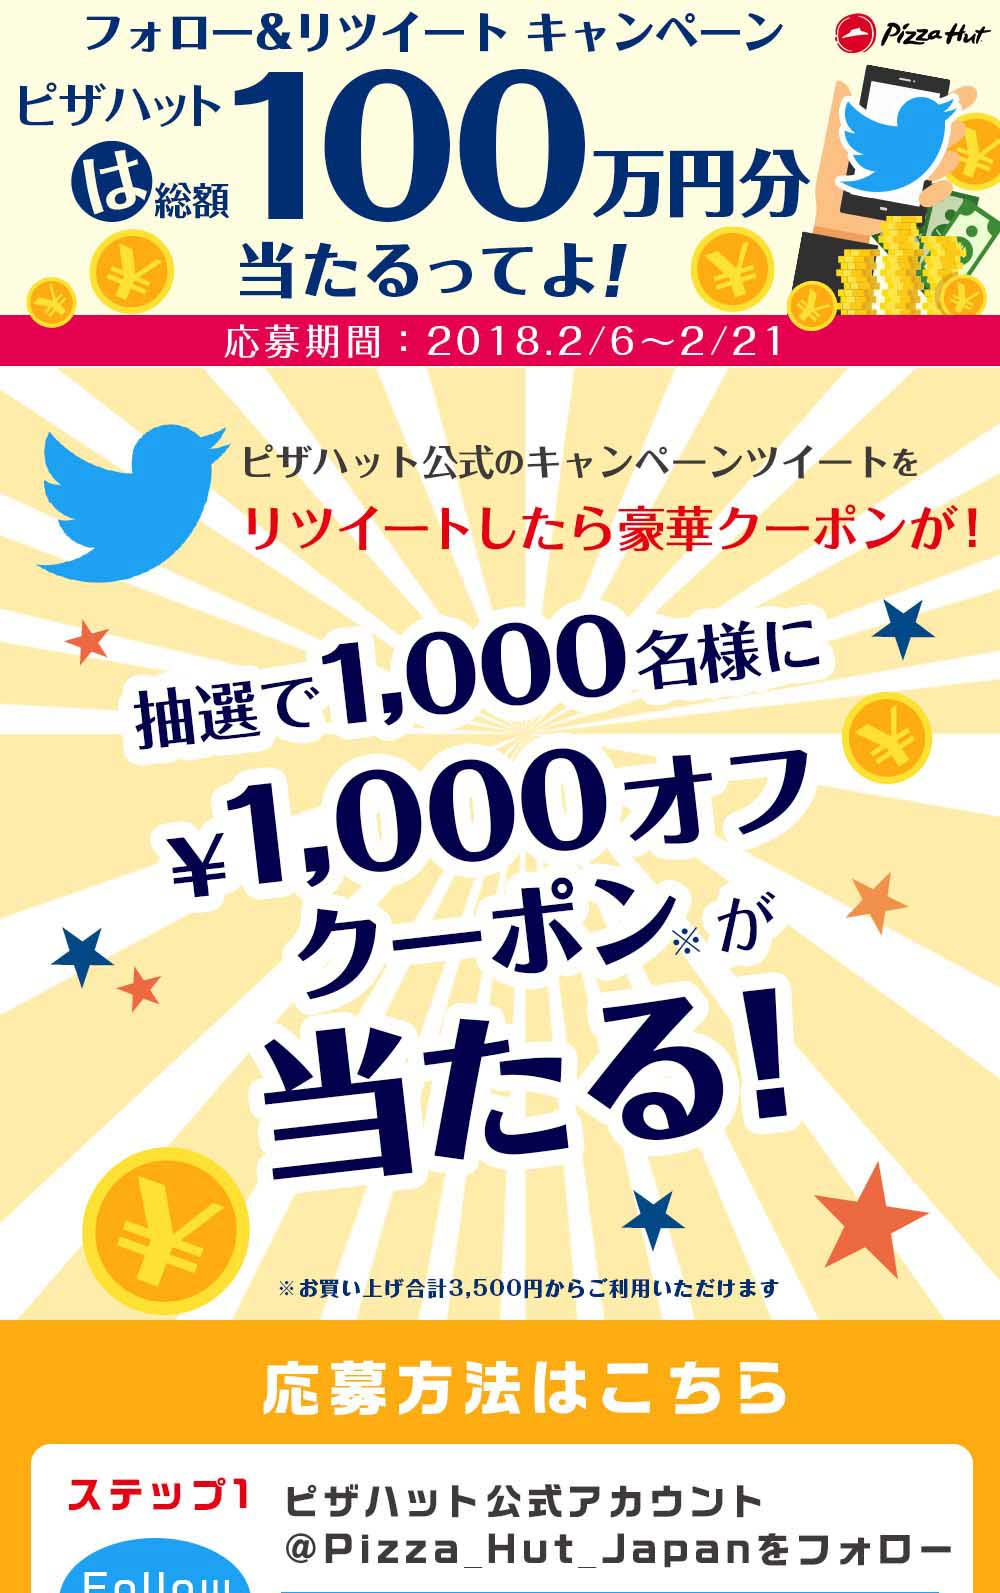 ピザハットで抽選で1000名に1000円OFFクーポンが当たる。~2/21。